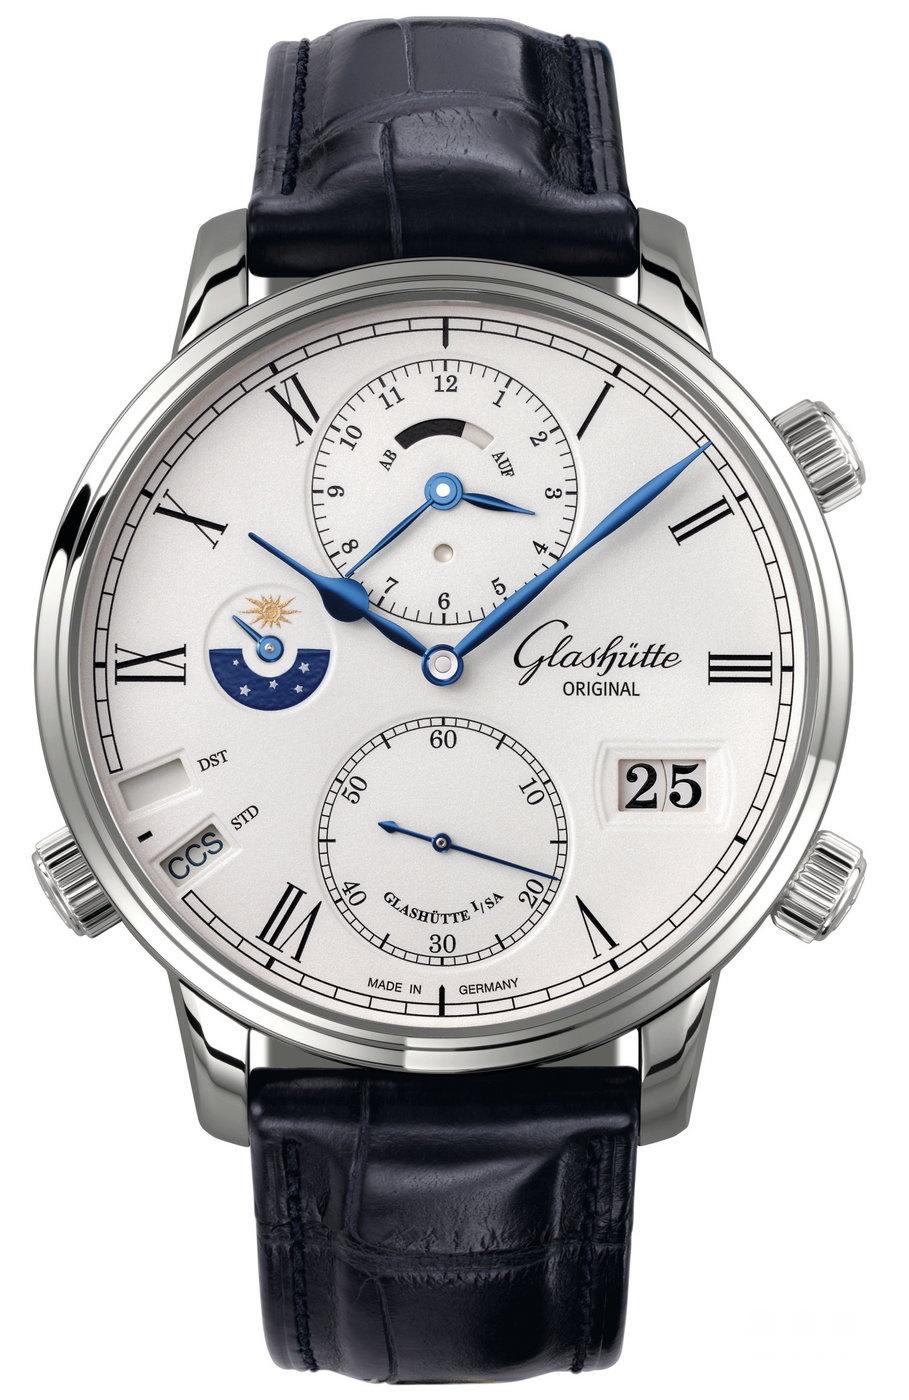 格拉苏蒂新款腕表 于太子珠宝钟表呈献的表坛盛事World Brand Piazza 2016型格登场